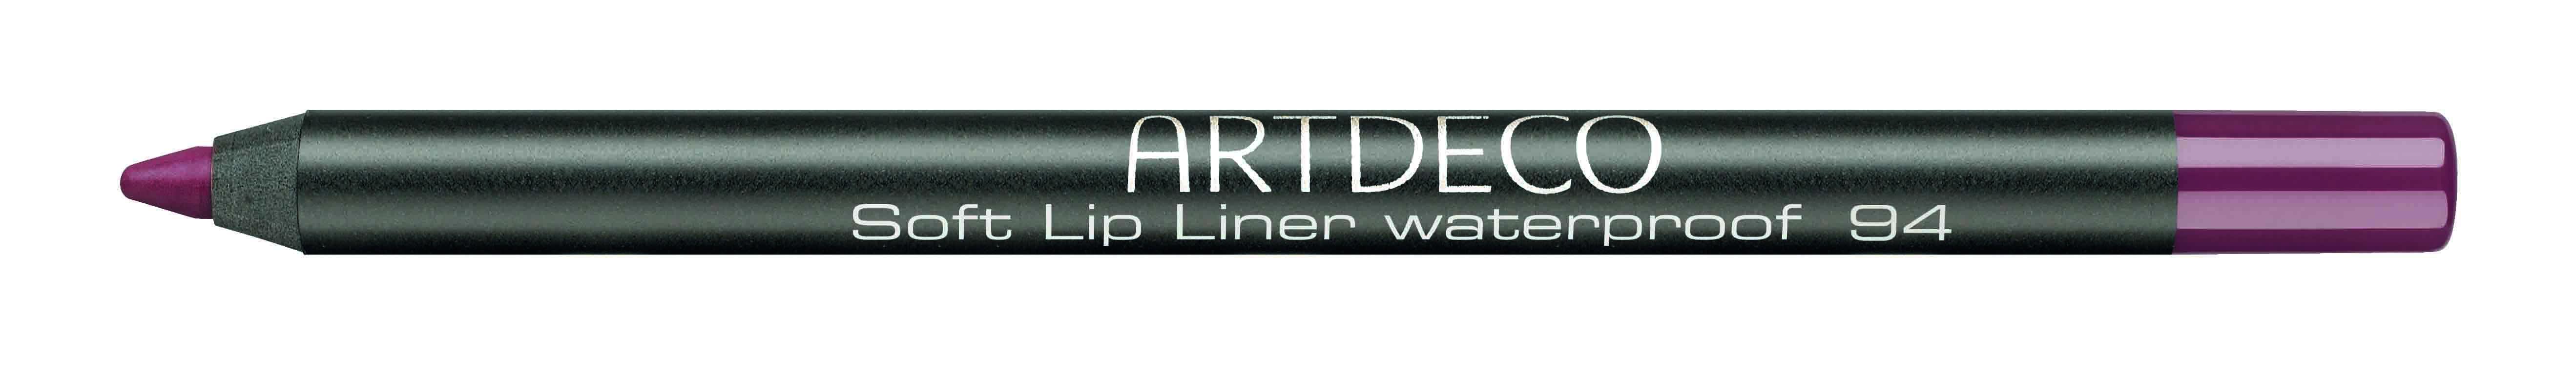 Artdeco карандаш для губ водостойкий 94 1,2г172.94Контур со стойкой текстурой и насыщенным цветом не позволяет растекаться помаде или блеску, помогает сделать чувственный макияж губ.